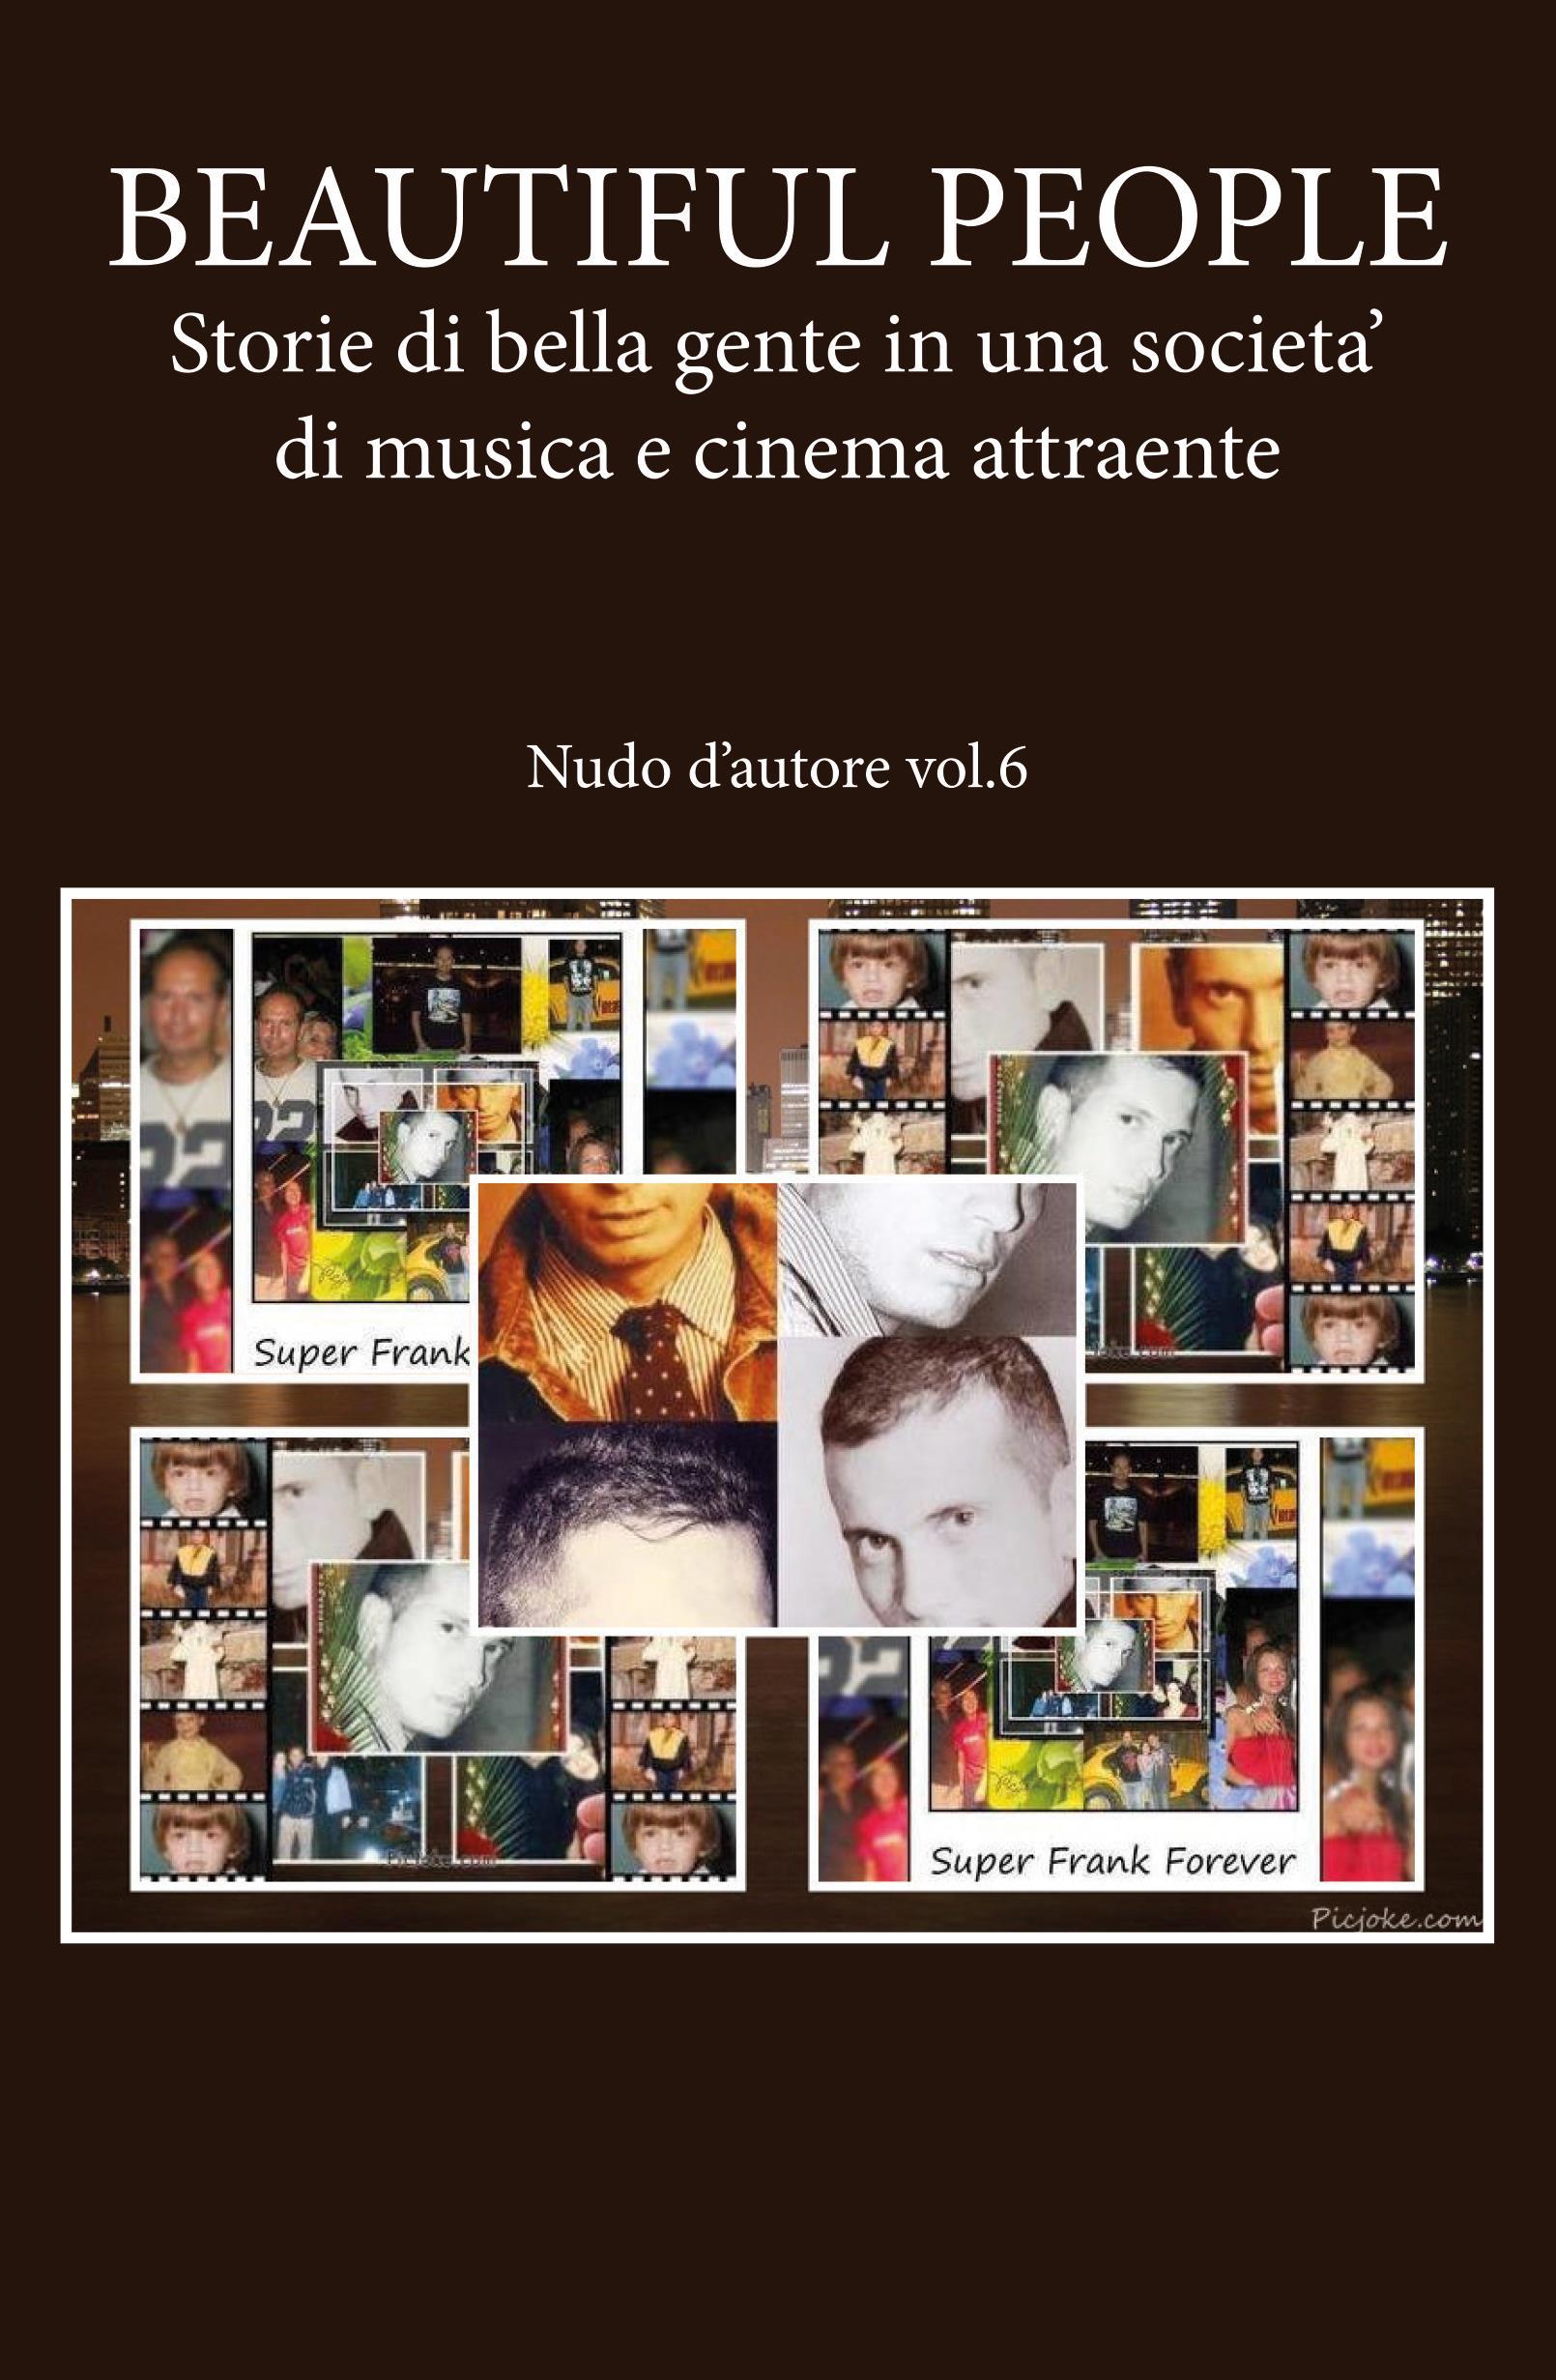 BEAUTIFUL PEOPLE: Storie di bella gente in una societa' di musica e cinema attraente - Nudo d'autore vol.6